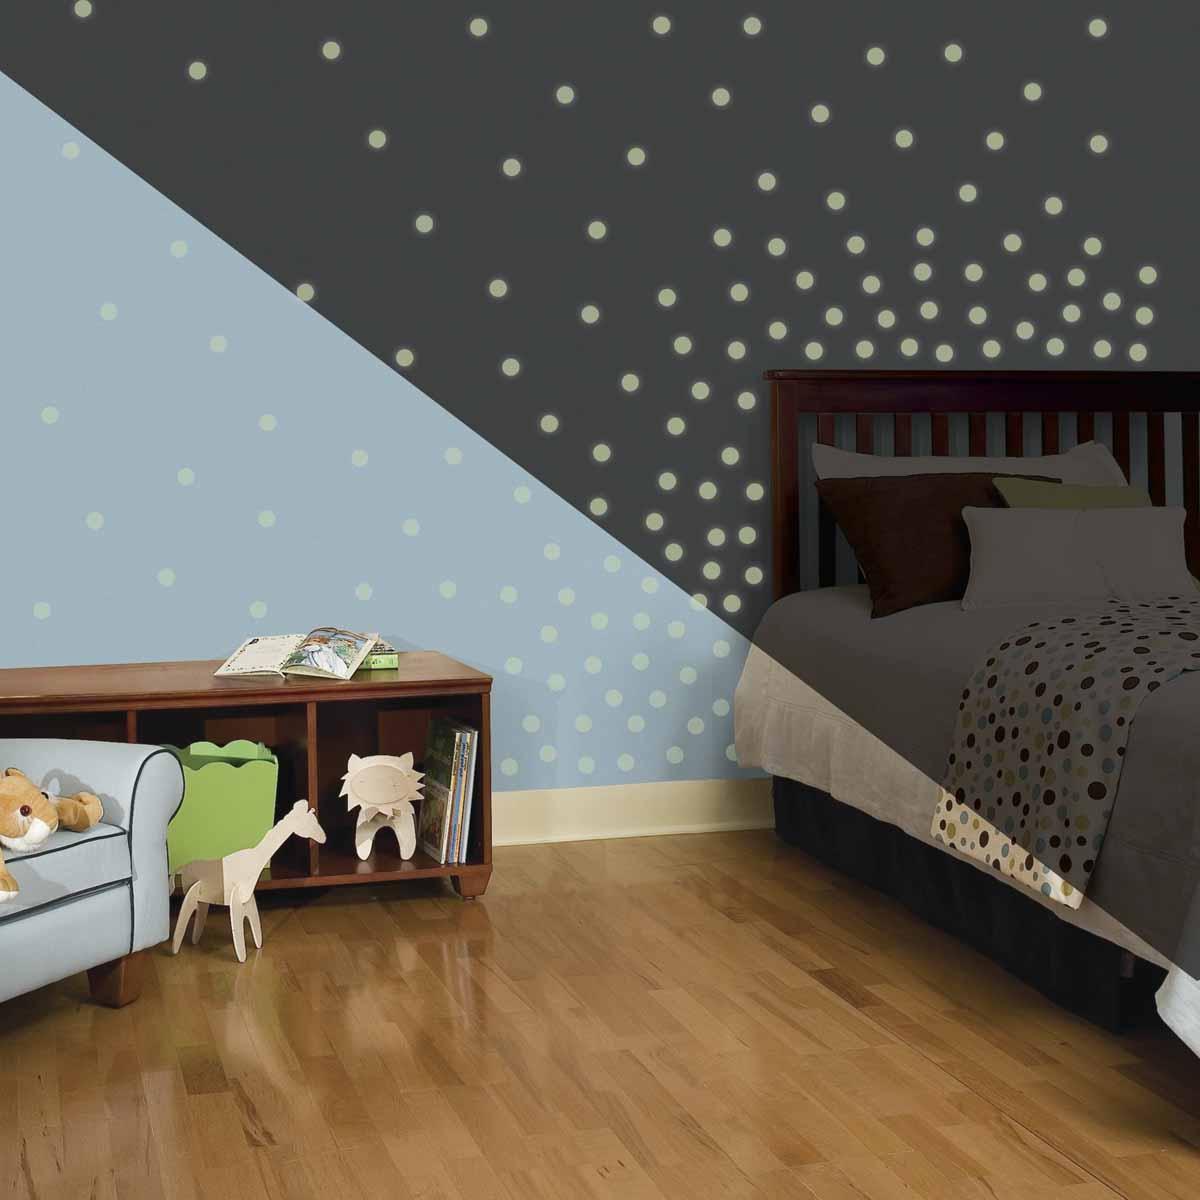 RoomMates Наклейка интерьерная Мерцающие точки 180 штED602Наклейки для декора Мерцающие точки от знаменитого производителя RoomMates станут украшением вашей квартиры! Придайте комнате другой вид с новым набором наклеек для декора, который светится в темноте! Наклейки светятся в темноте мягким светом!Пожалуйста, обратите внимание на то, что для достижения эффекта свечения наклейки должны побыть под воздействием прямого солнечного света! Прекрасный вариант для родителей, ребенок которых боится темноты.Всего в наборе 180 стикеров. Наклейки не нужно вырезать - их следует просто отсоединить от защитного слоя и поместить на стену или любую другую плоскую гладкую поверхность. Наклейки многоразовые: их легко переклеивать и снимать со стены, они не оставляют липких следов на поверхности.